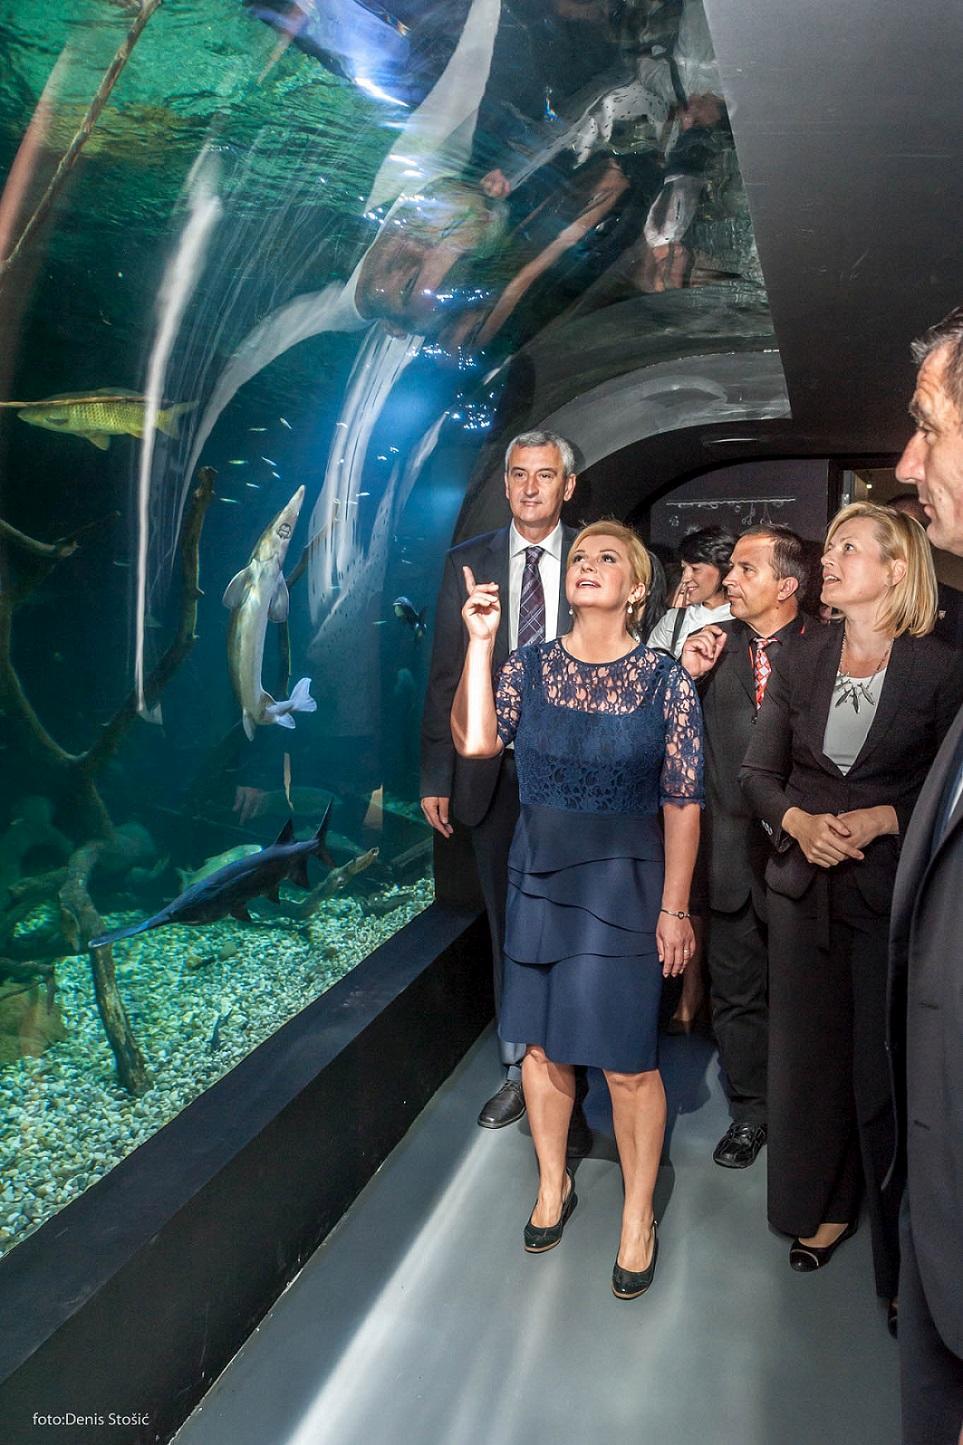 predsjednica_rh_razgledala_karlovacku_aquatiku_2.jpg